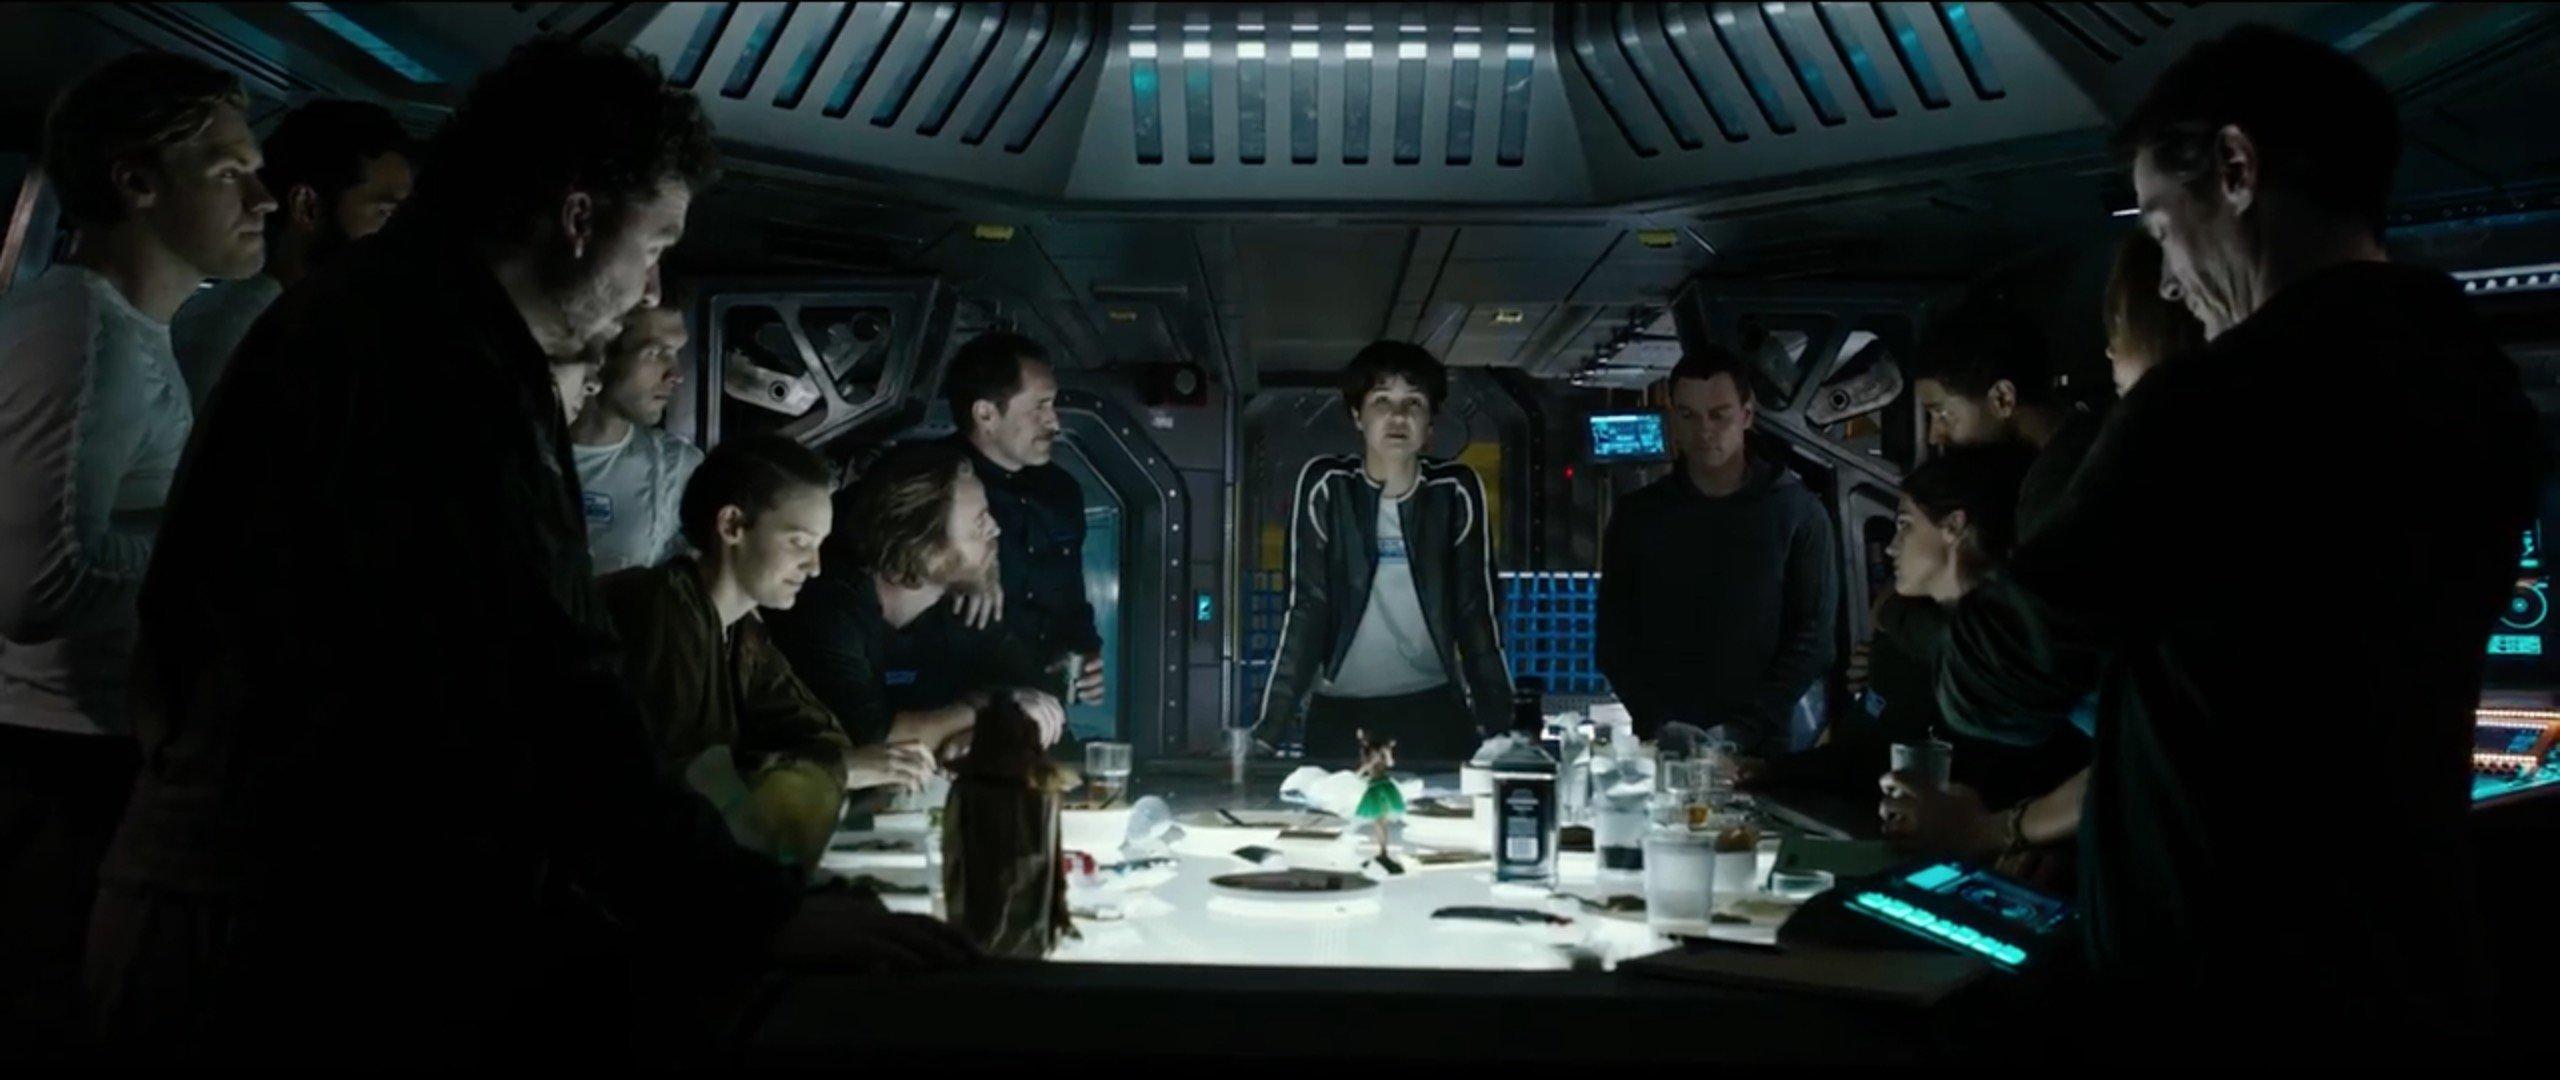 alien-covenant-trailer-breakdown-1.jpg